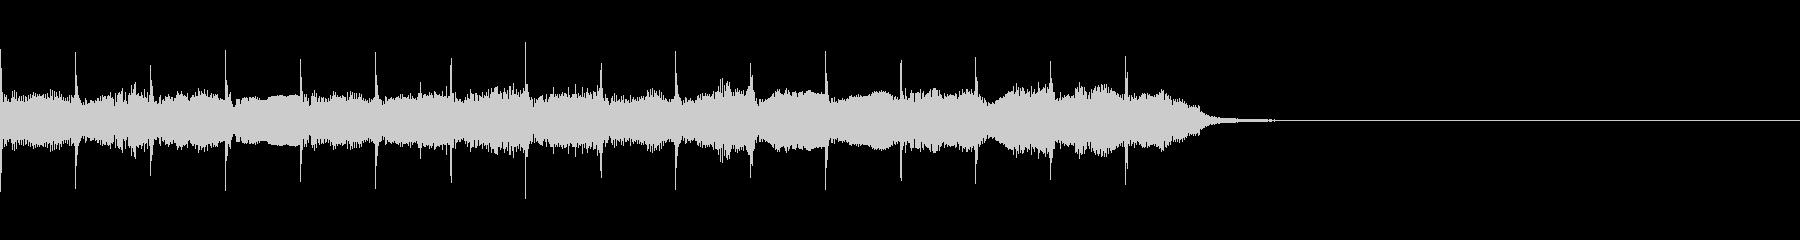 明るい雰囲気のアコーディオン ジングルの未再生の波形